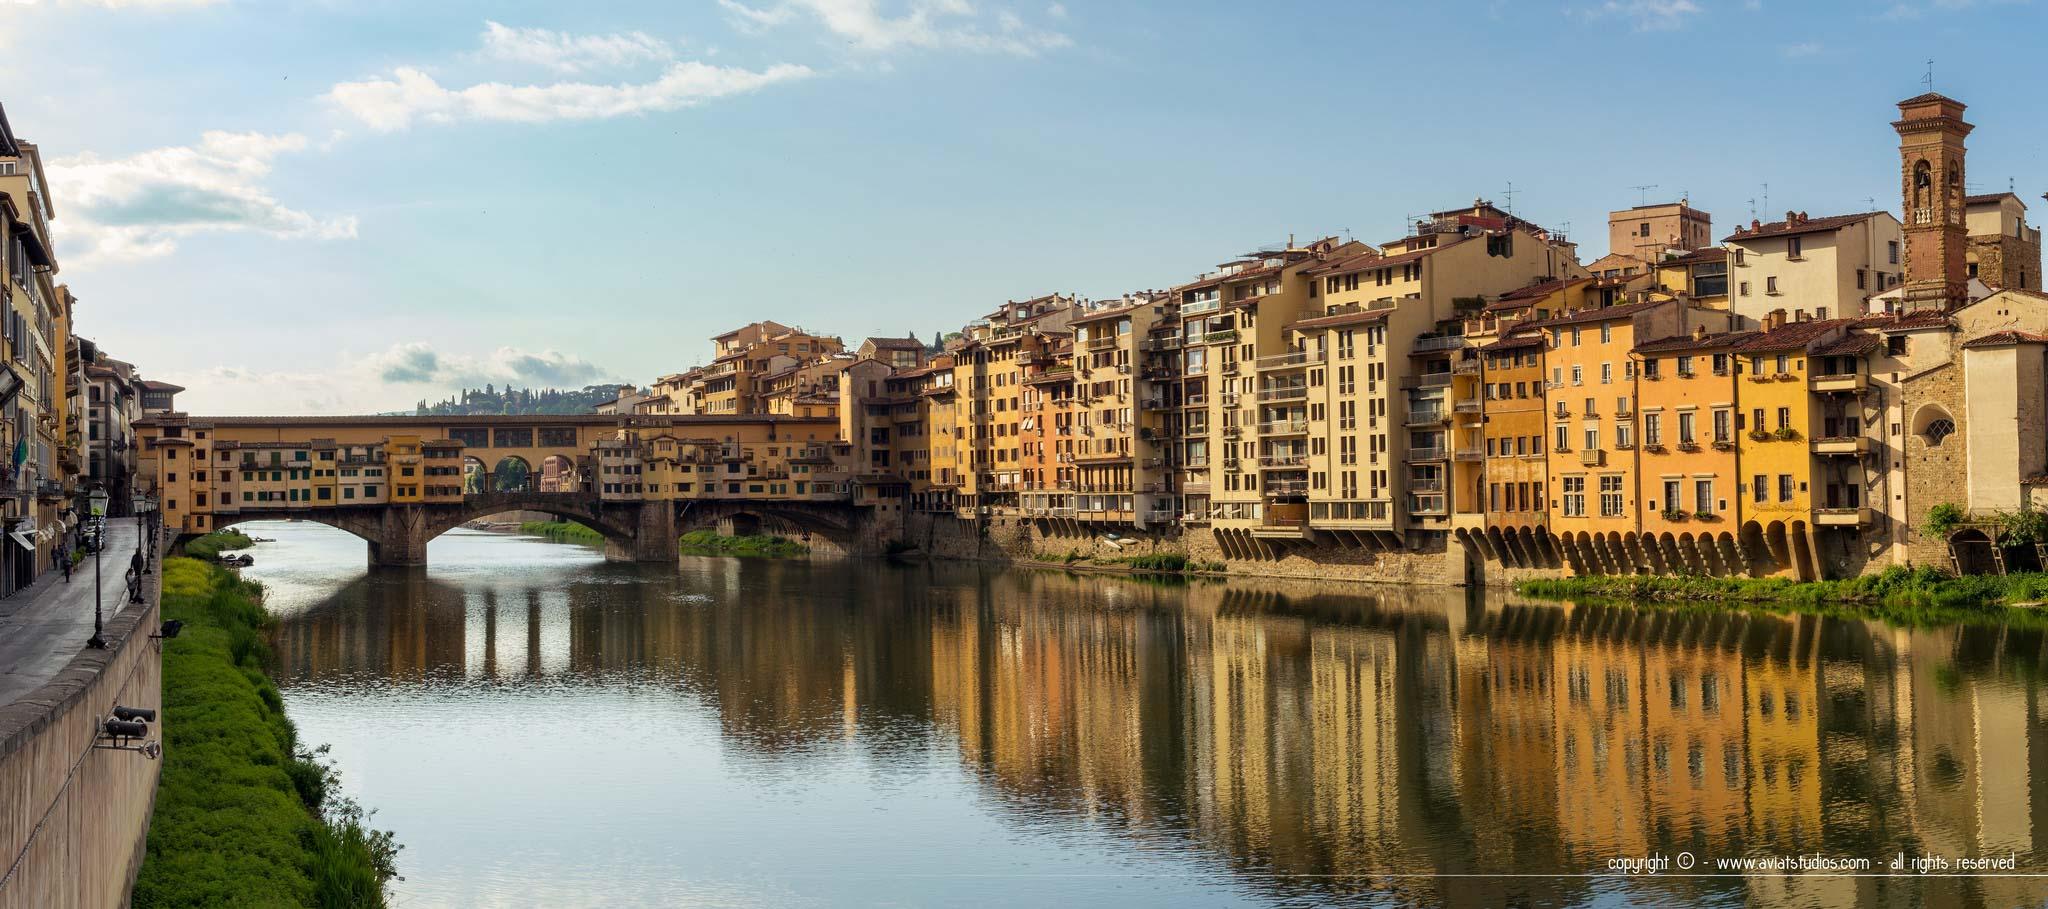 Un week-end à Florence, nos impressions et bonnes adresses